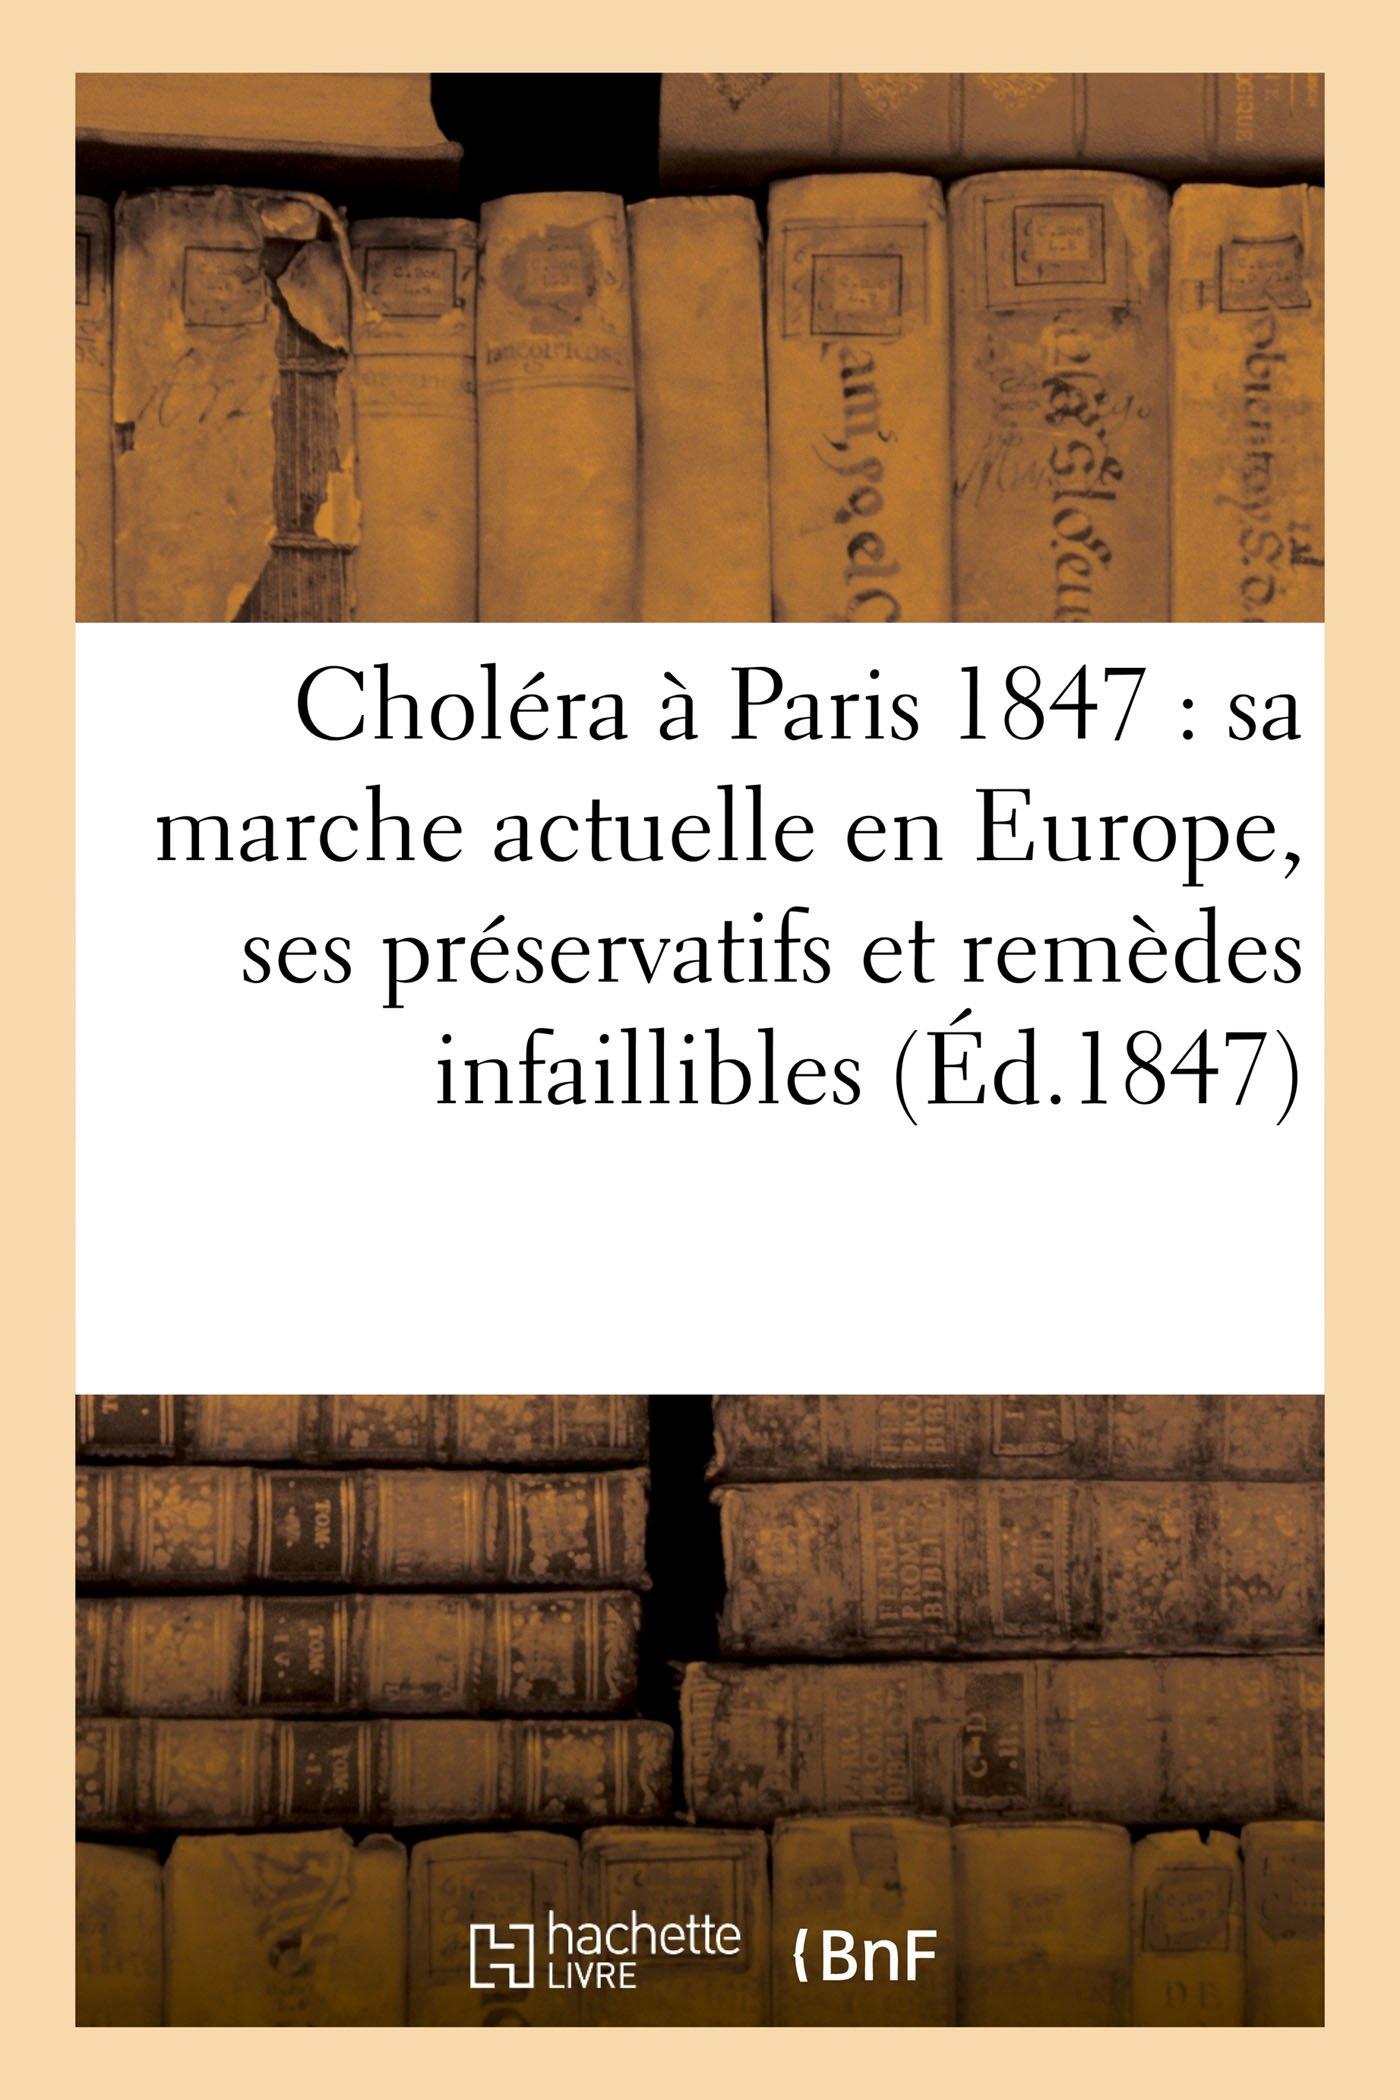 Le Choléra À Paris En 1847- Sa Marche Actuelle En Europe Sciences  French Edition  ebook by Peccatte